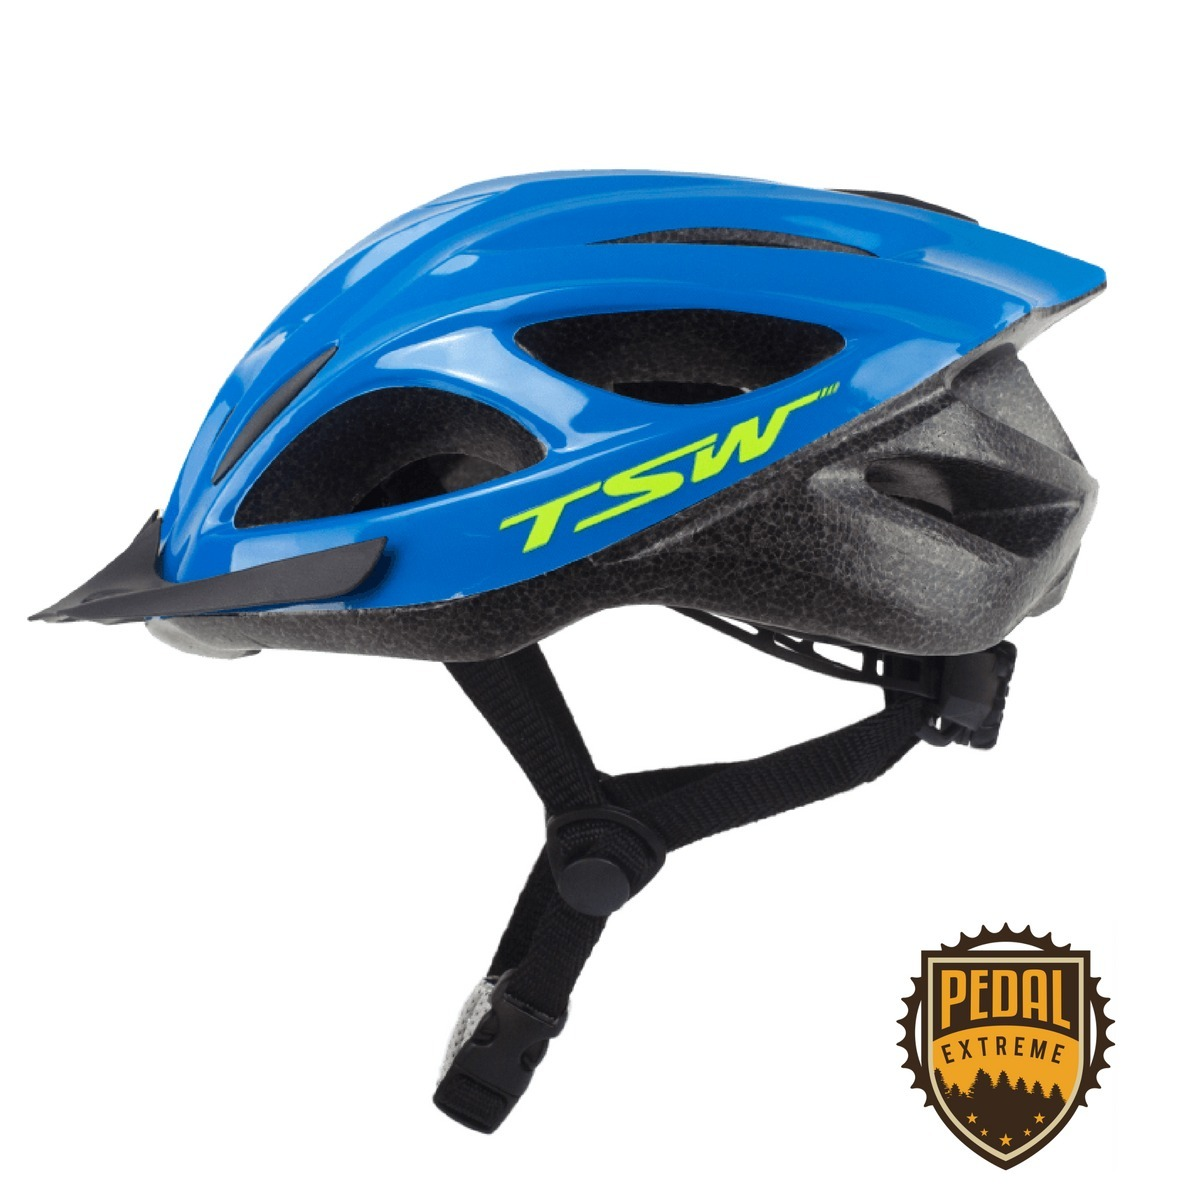 7f06cc700 Carregando zoom... kit ciclismo dois capacete ciclista bicicleta com led  tsw 1